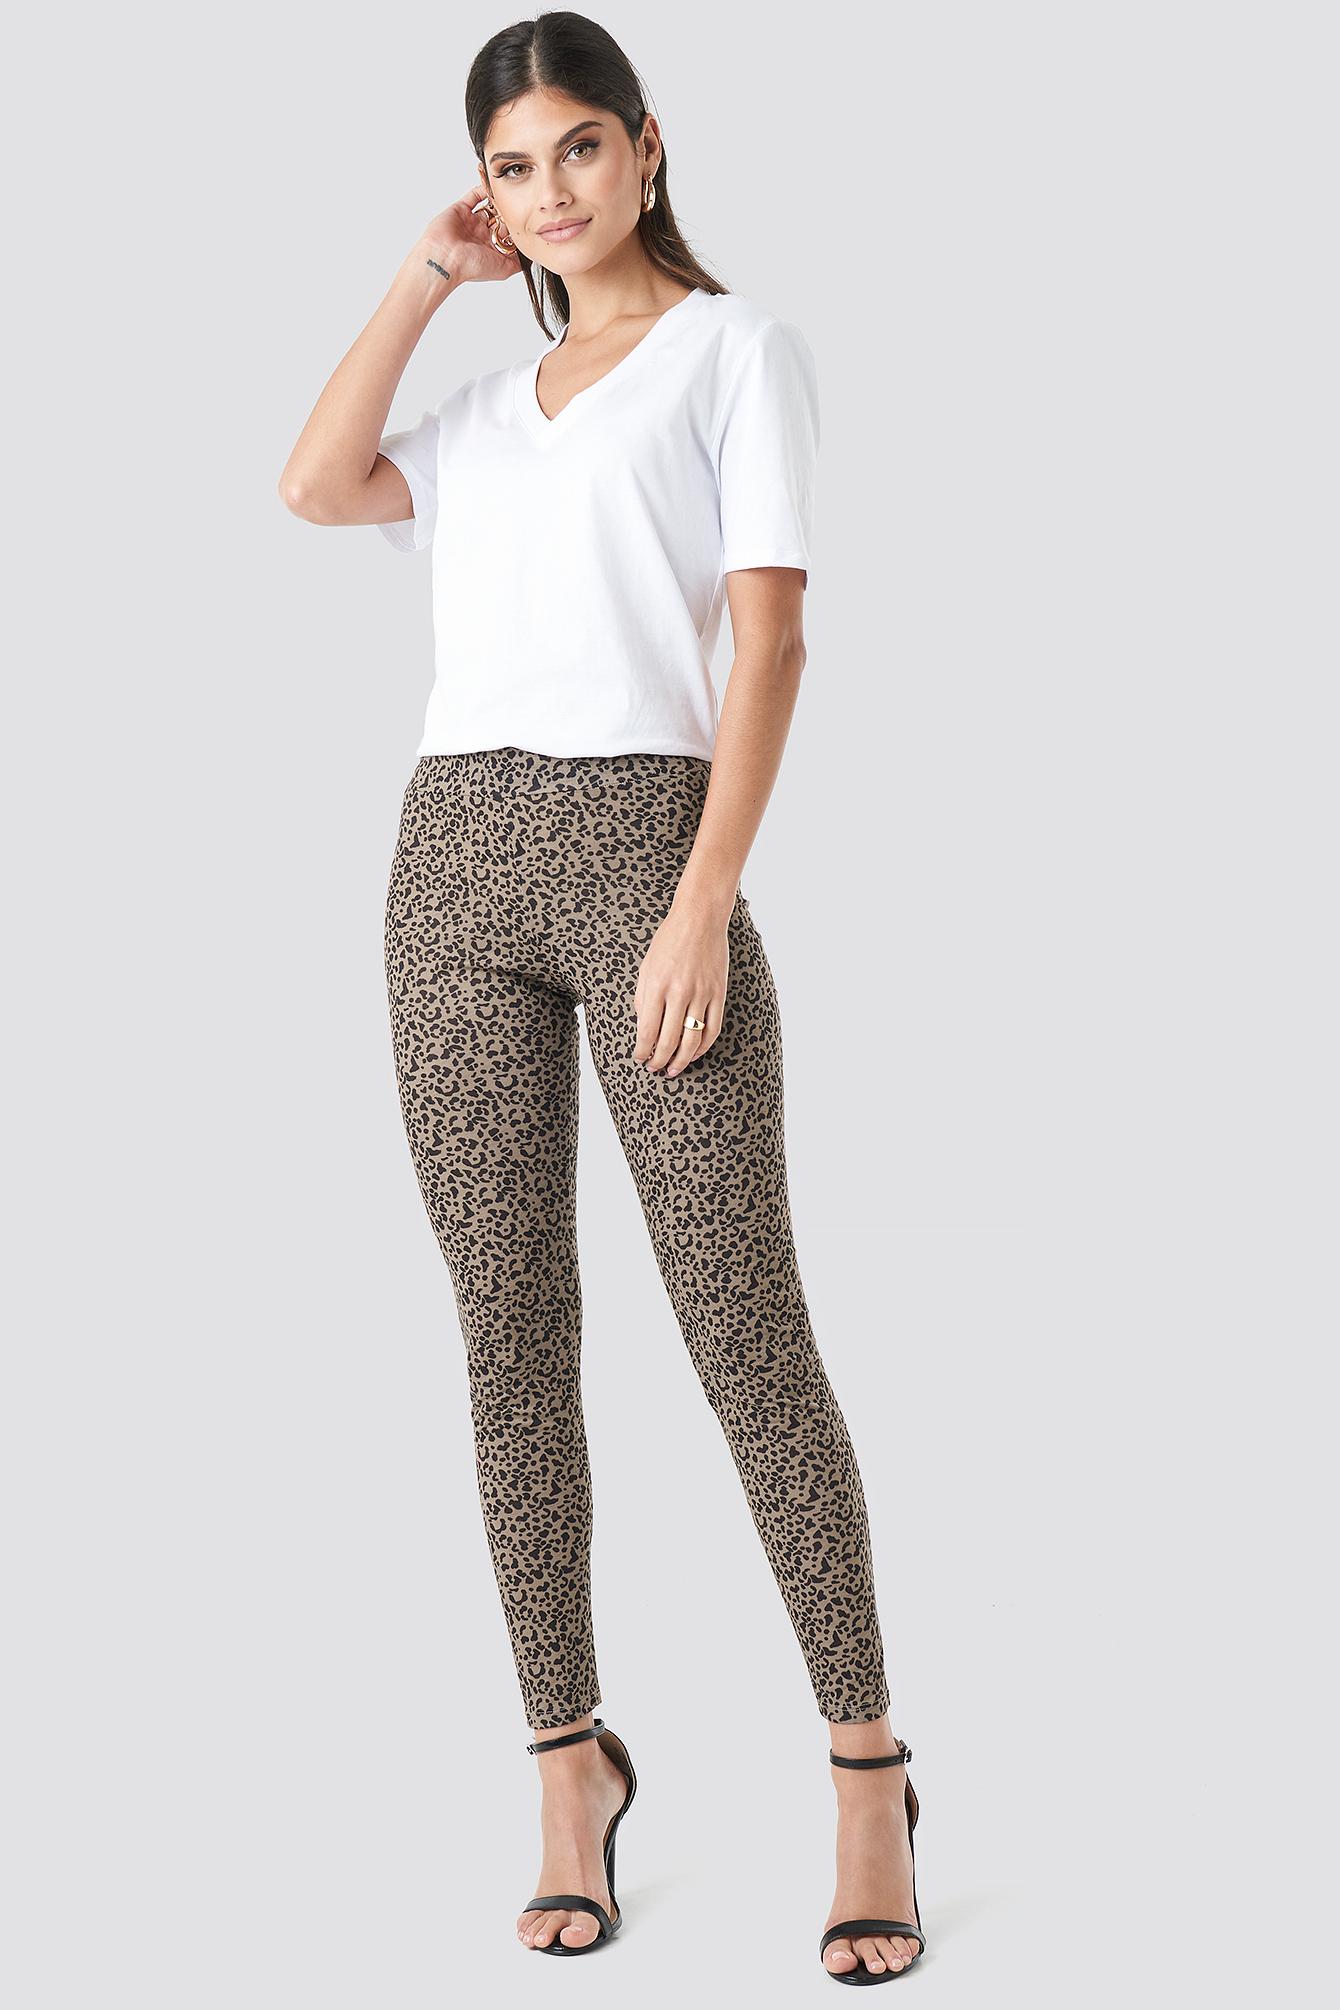 na-kd trend -  Animal Printed Leggings - Black,Brown